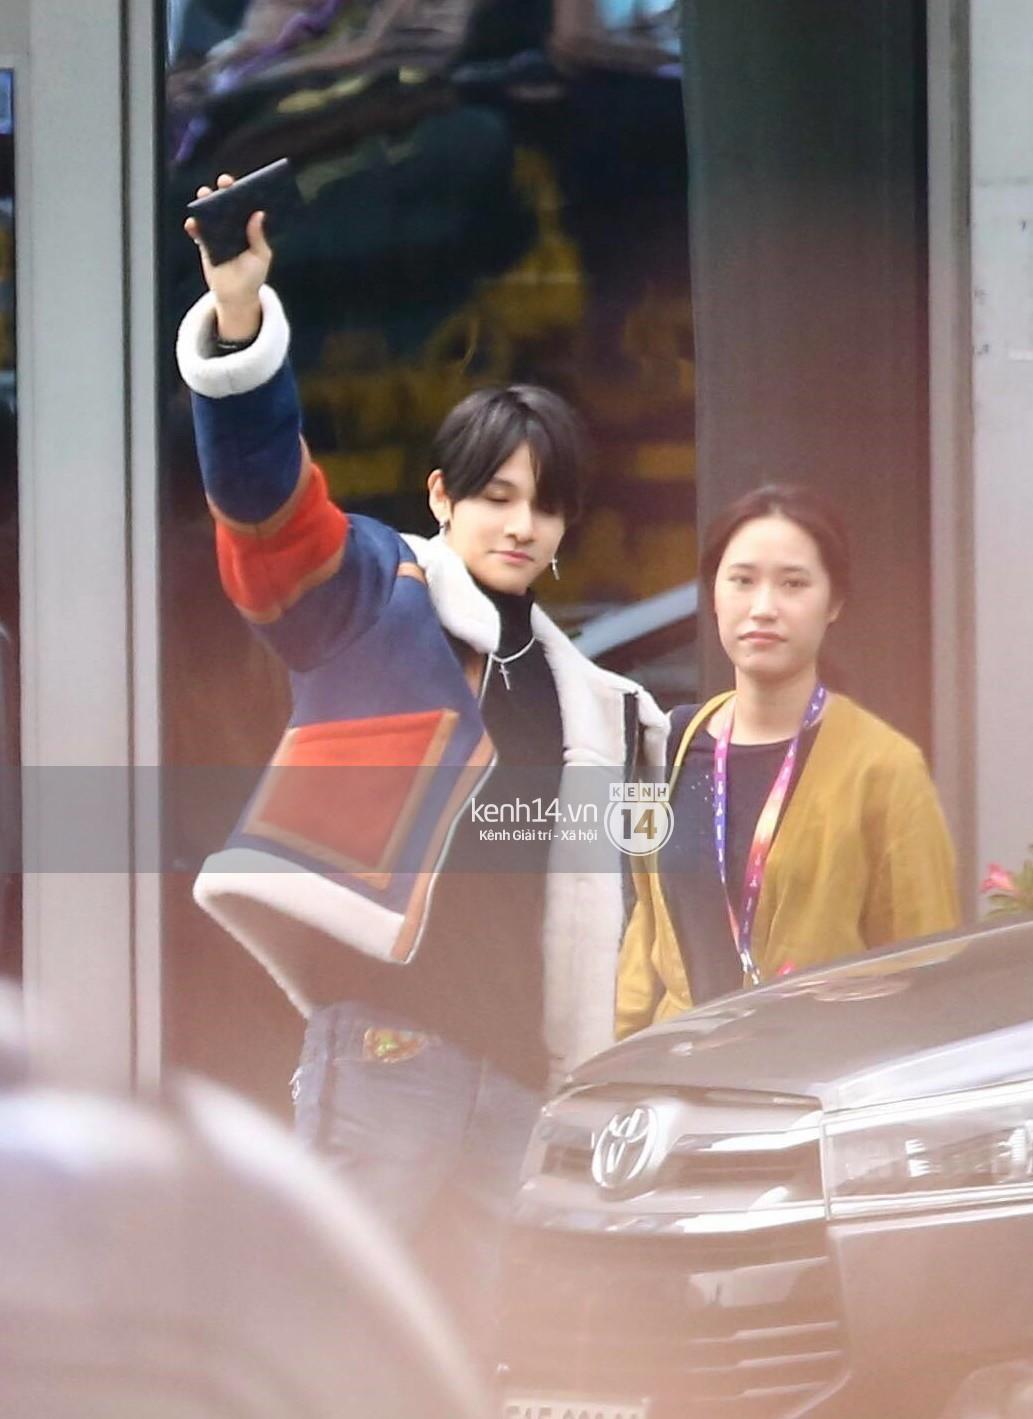 Hoàng tử lai Samuel điển trai, cùng Seventeen ngoái lại chào fan Việt bằng được tại sân bay Tân Sơn Nhất - Ảnh 3.